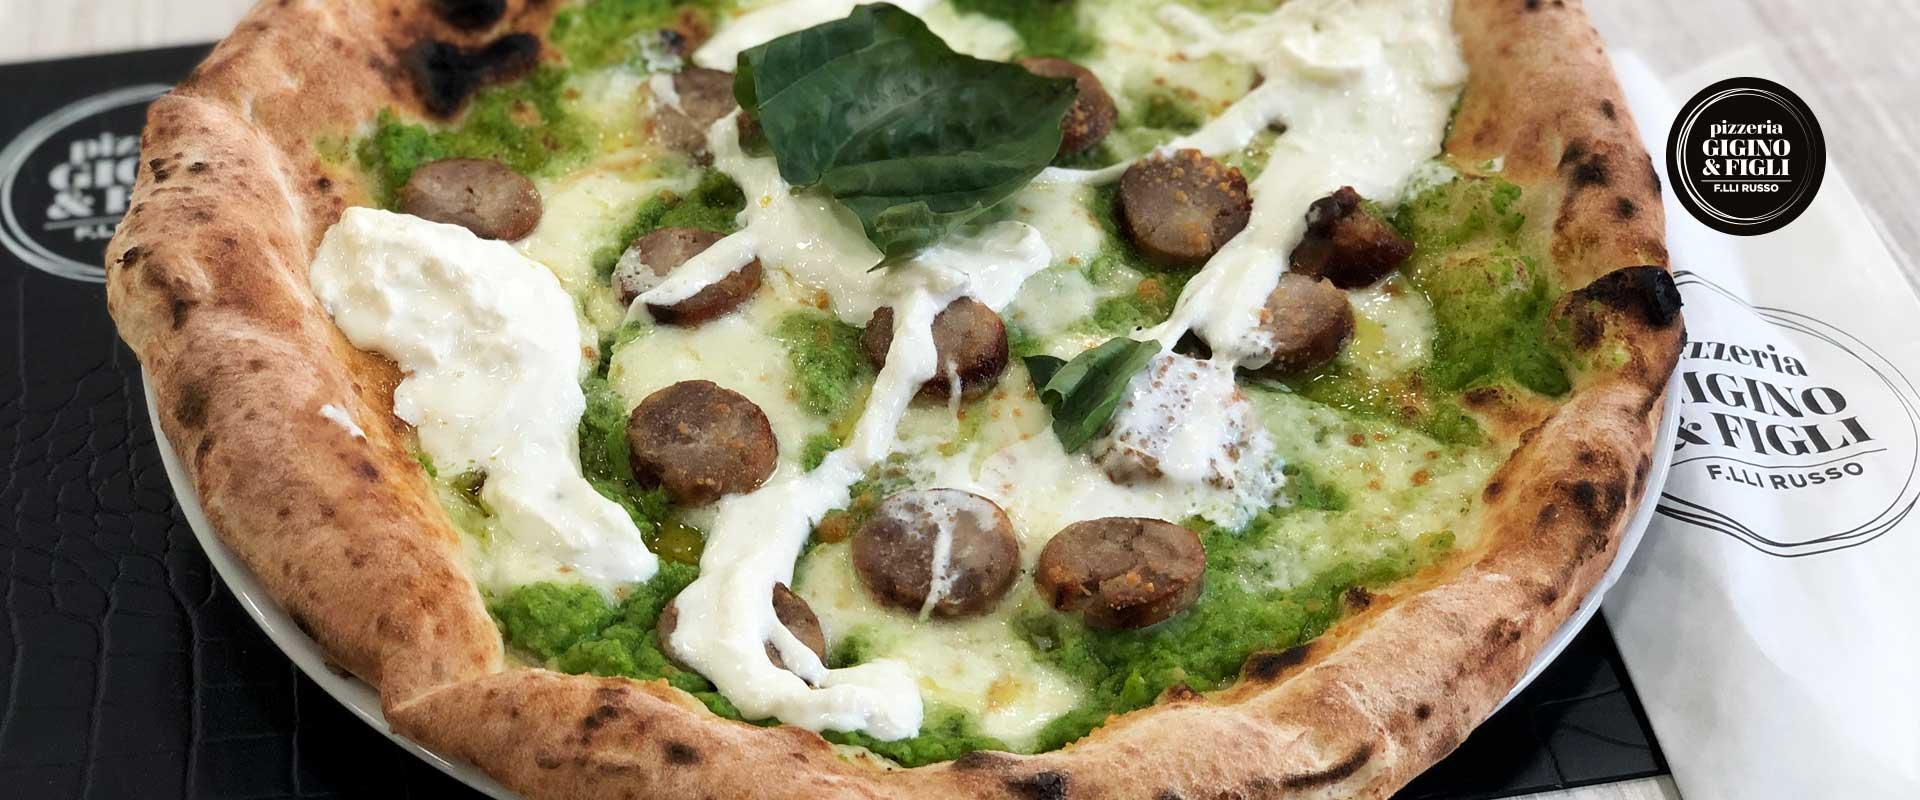 Pizza con stracciatella di Bufala